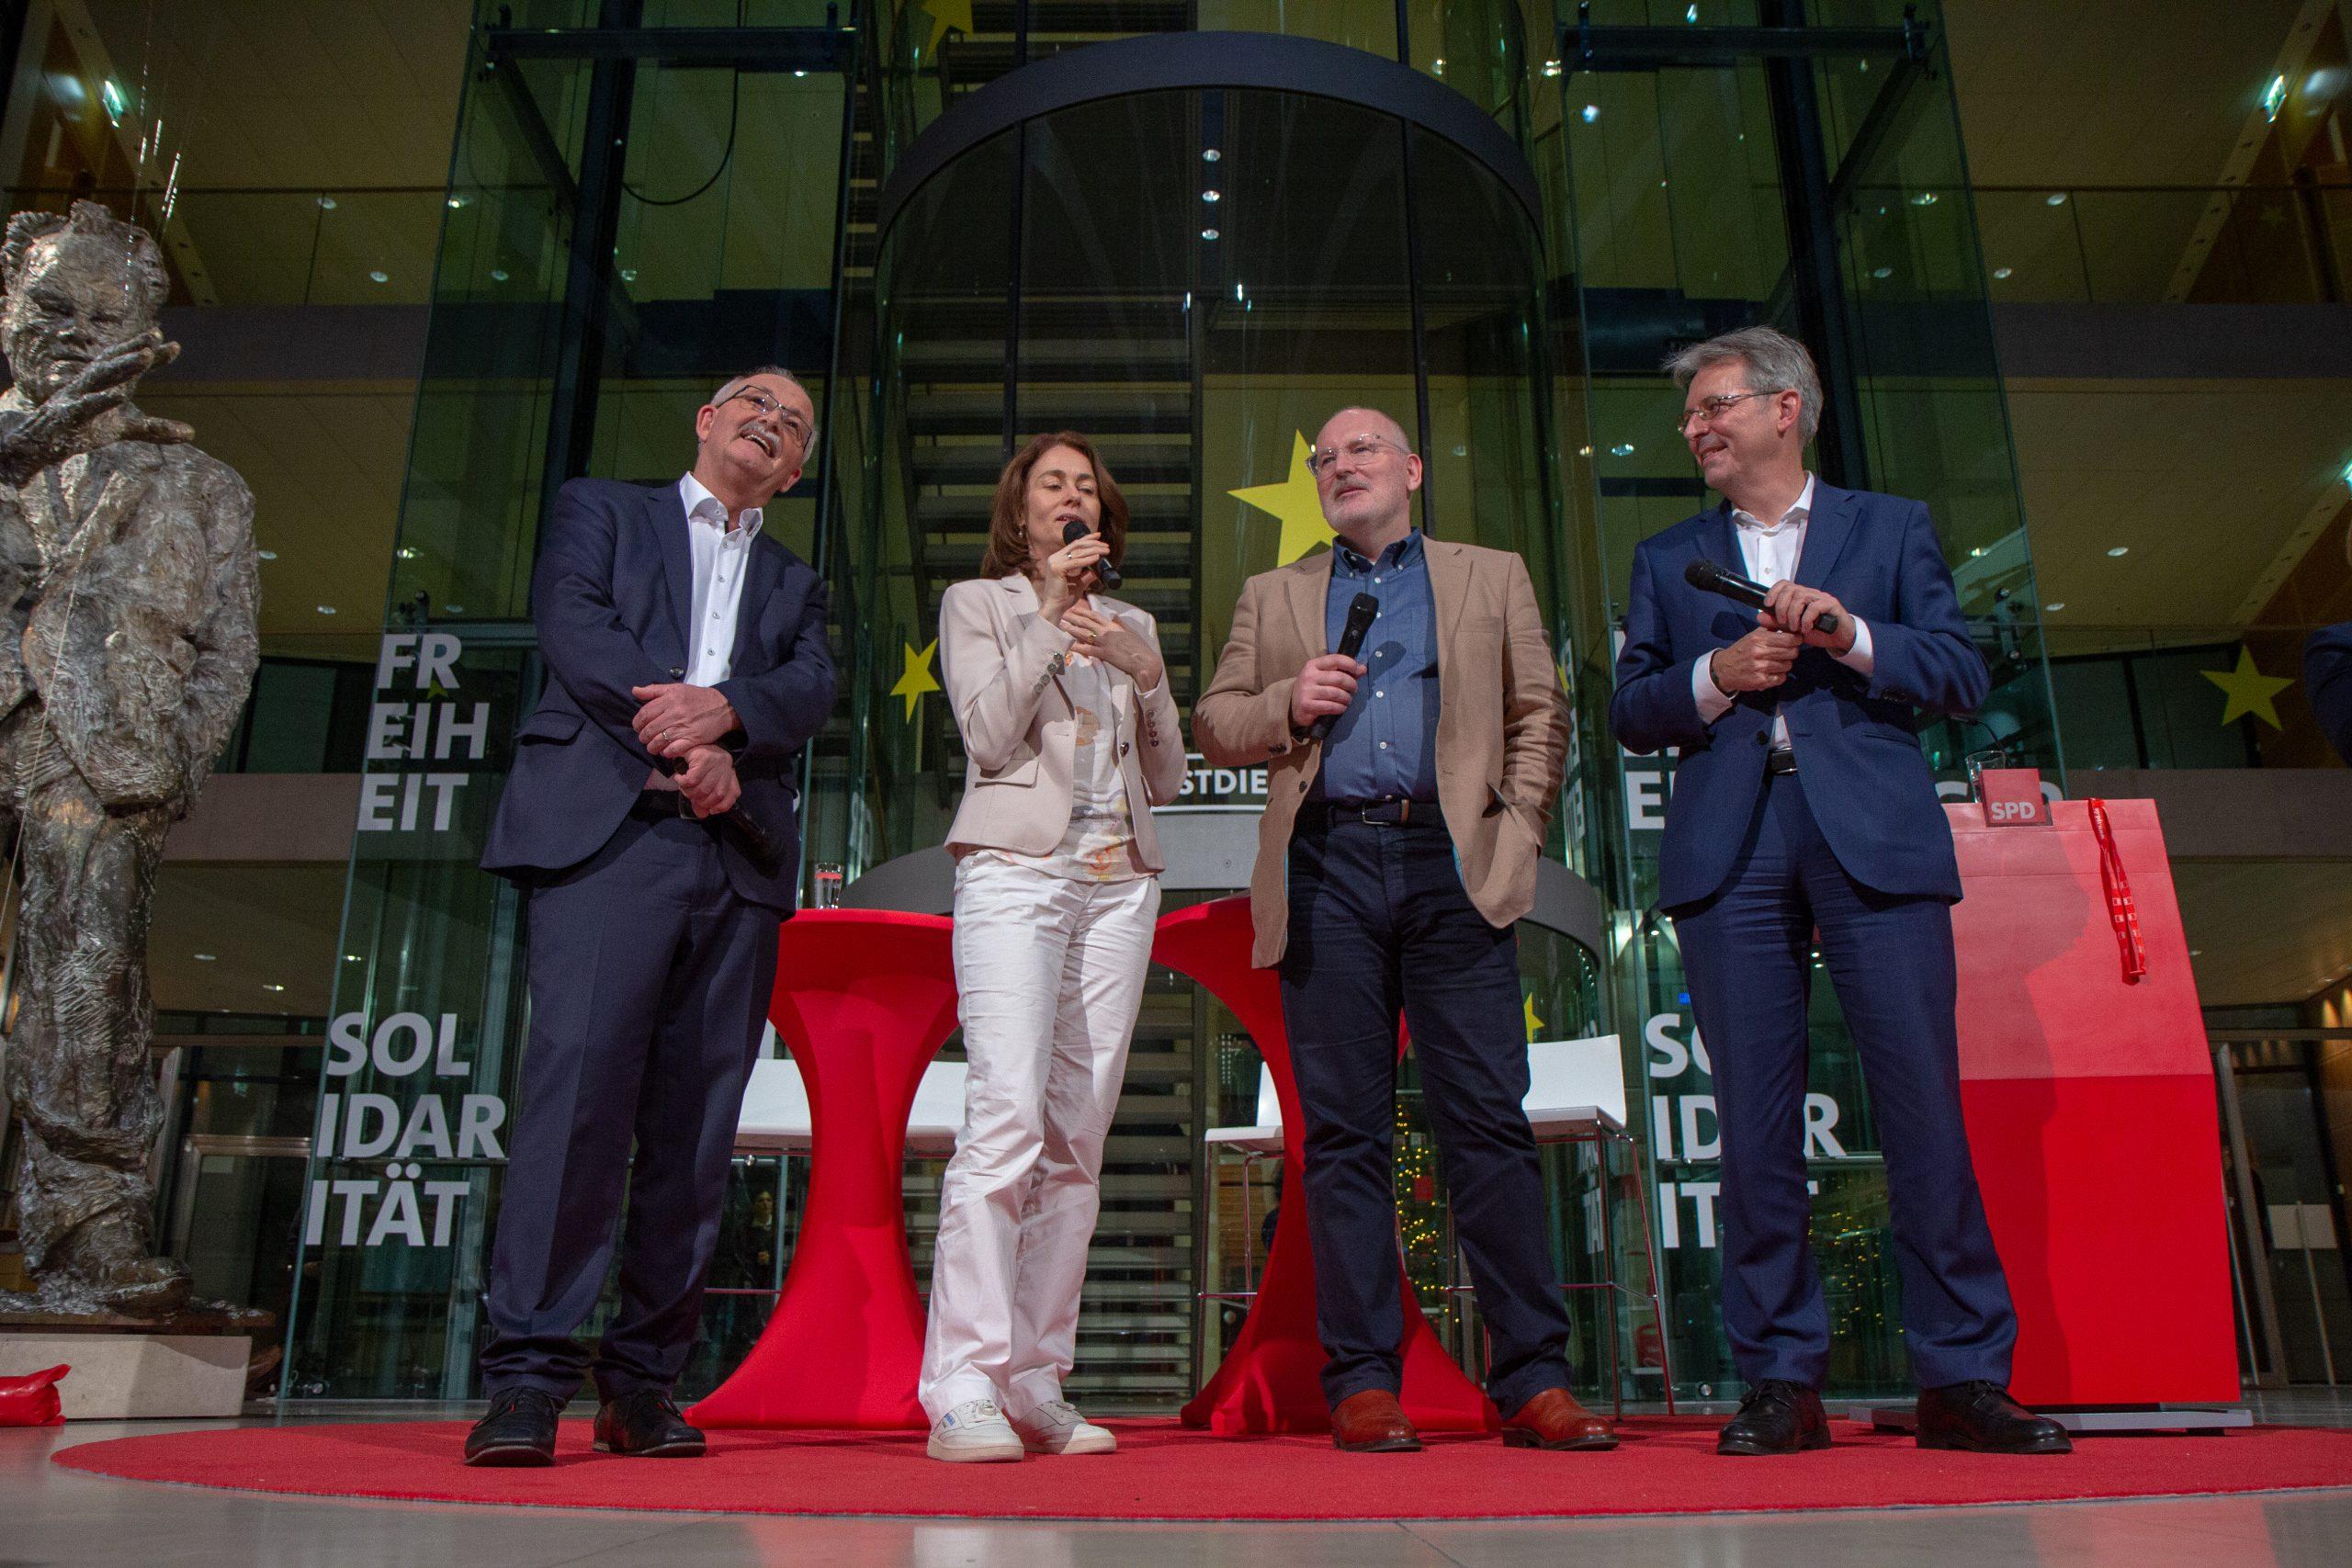 Die SPD im Niedergang?